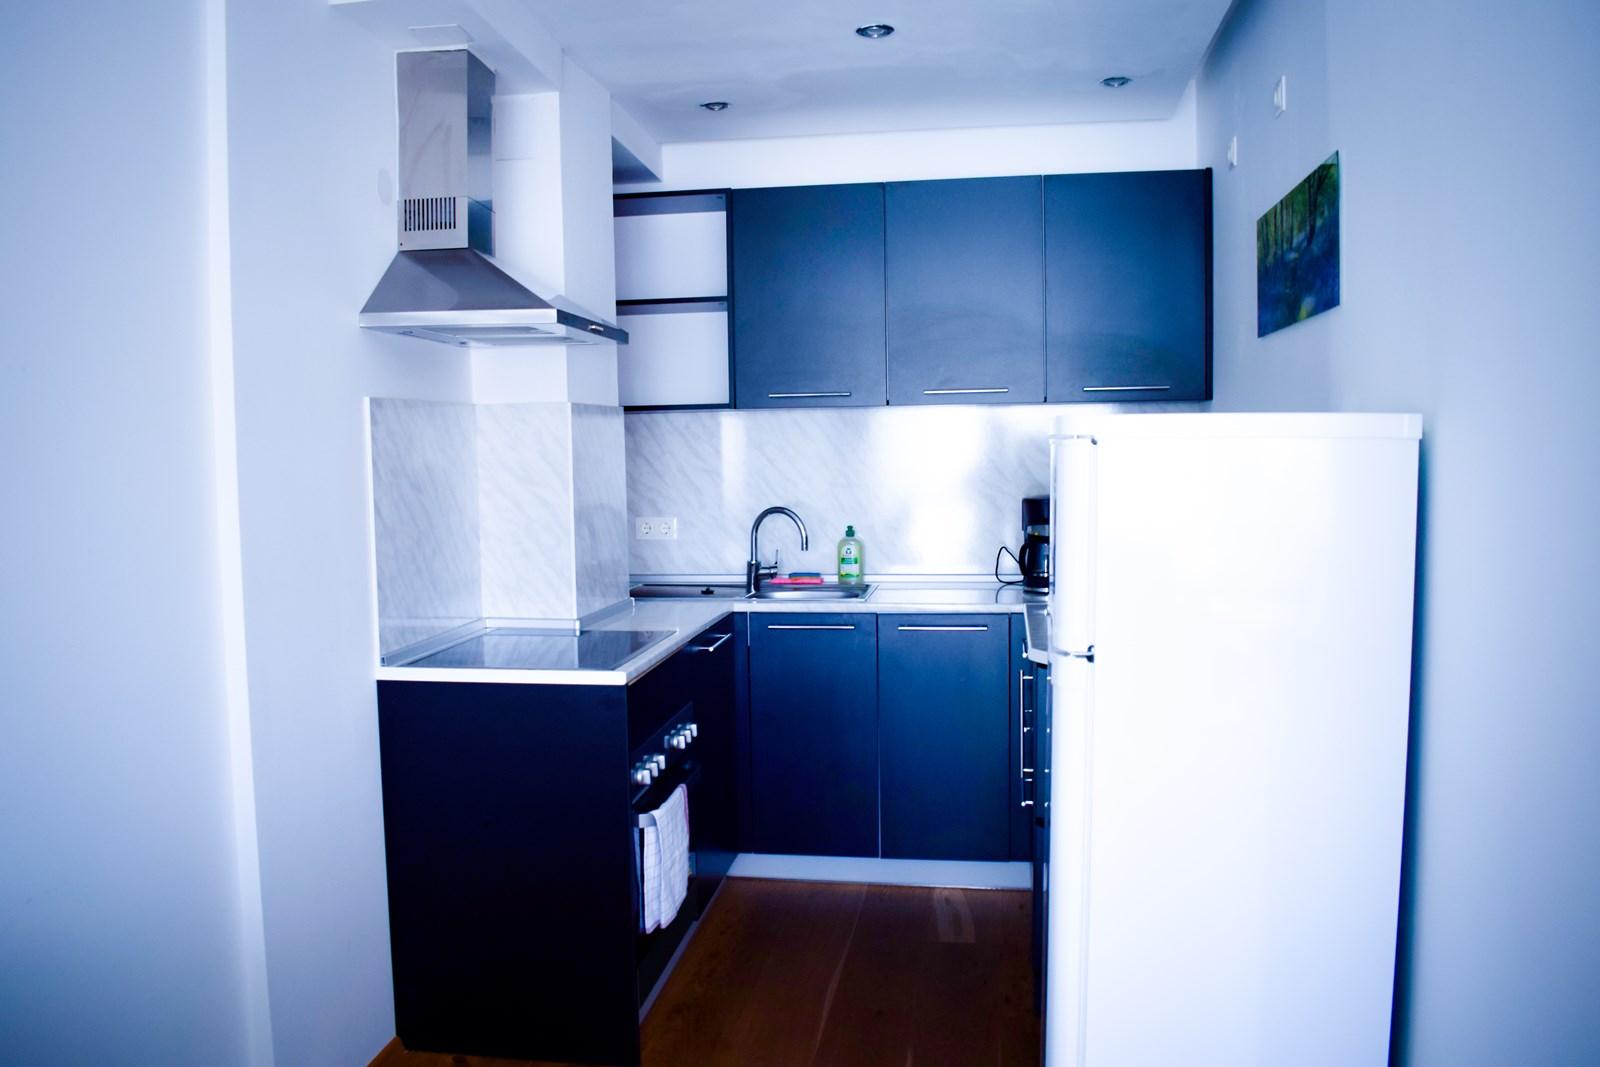 Appartement vienne autriche pas cher voyage trip grand 5blog